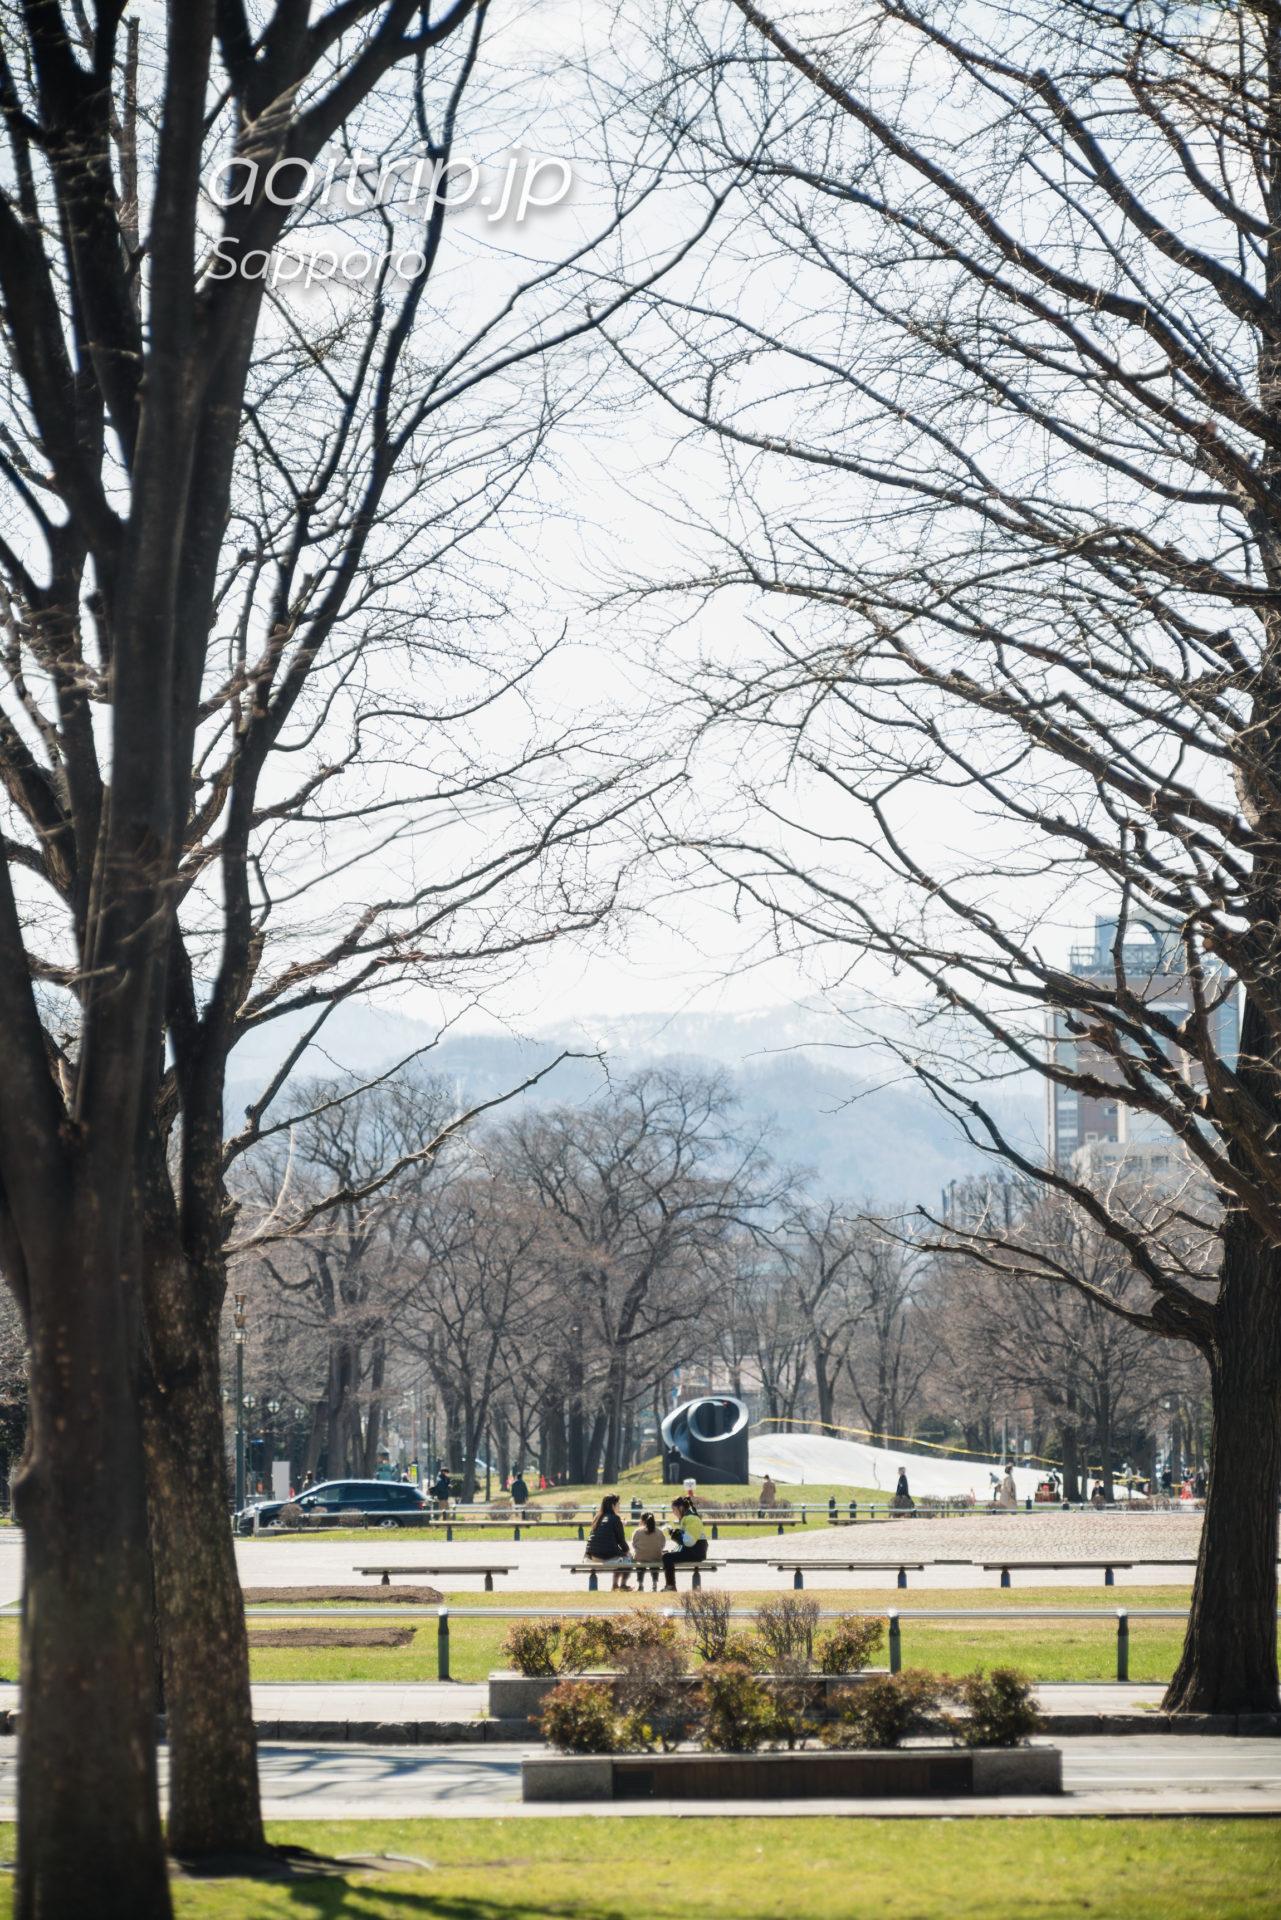 日本光学 Nikon Nikkor-Q・C 135mm F3.5の作例 札幌大通公園